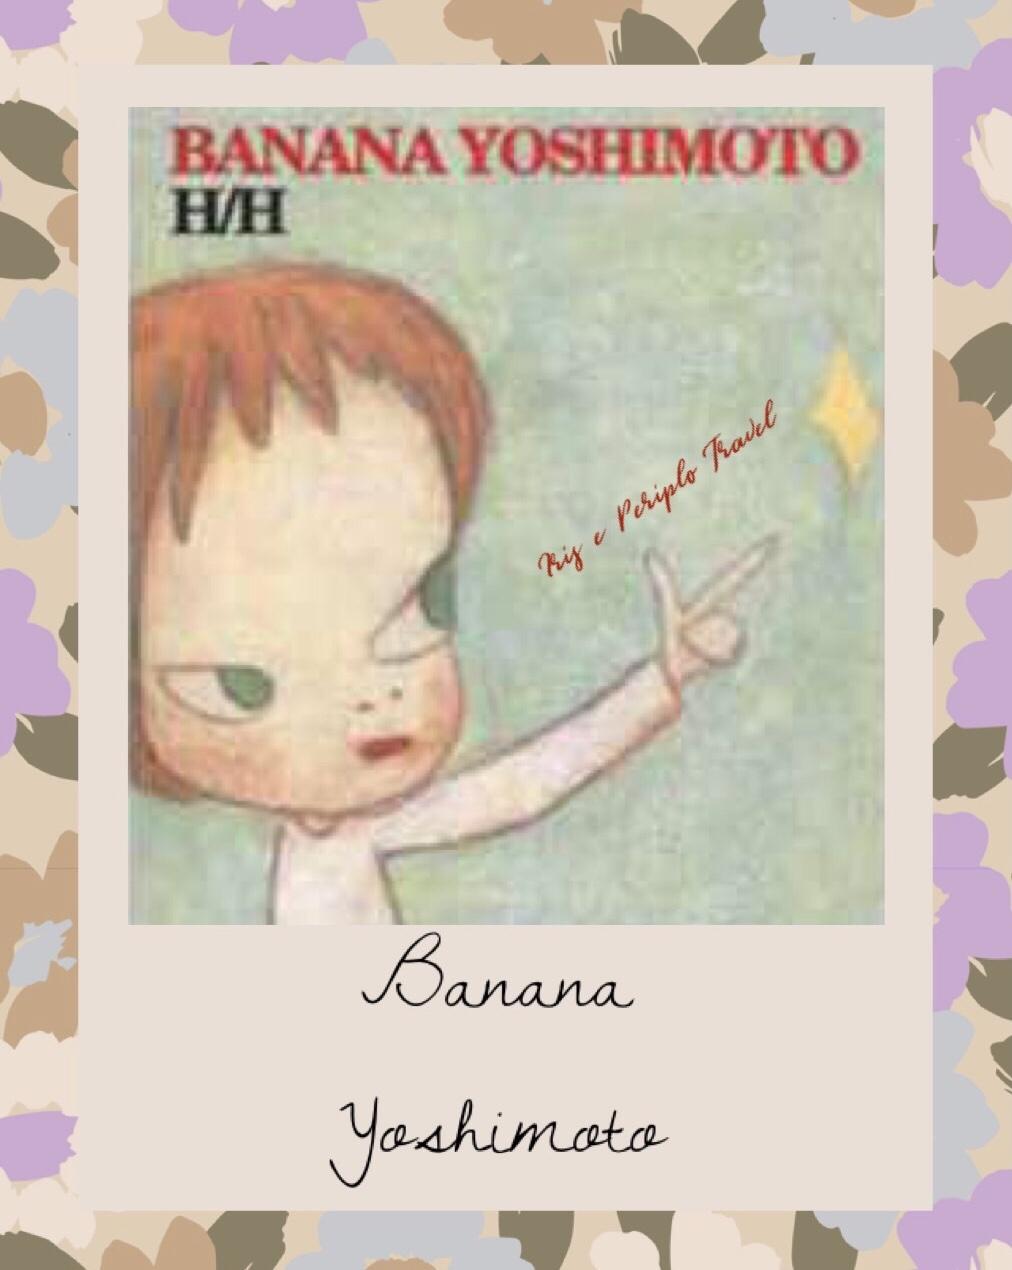 Copertina del libro H/H